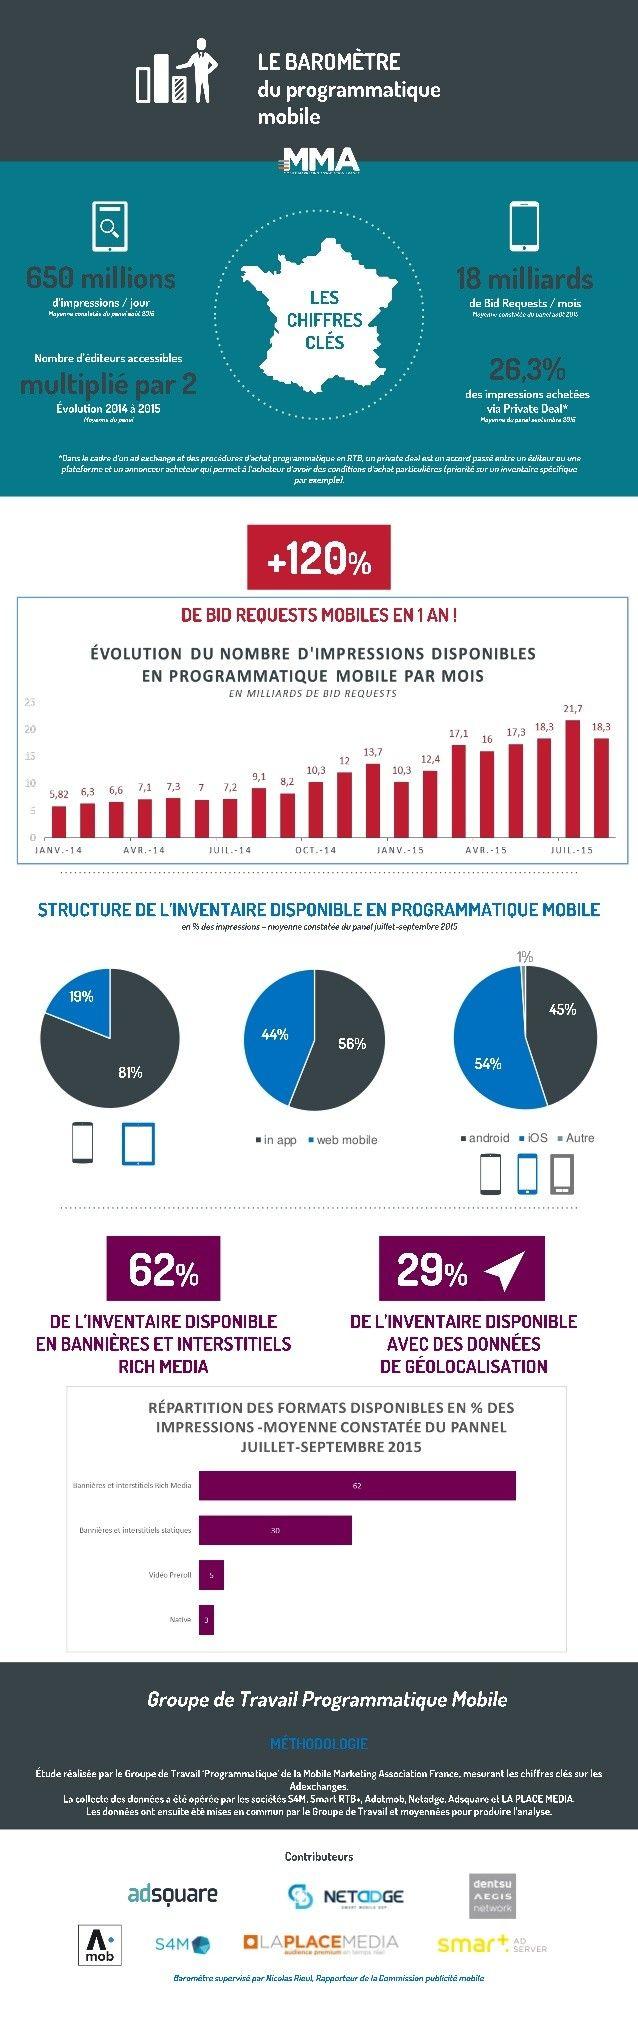 Le programmatique mobile en infographie